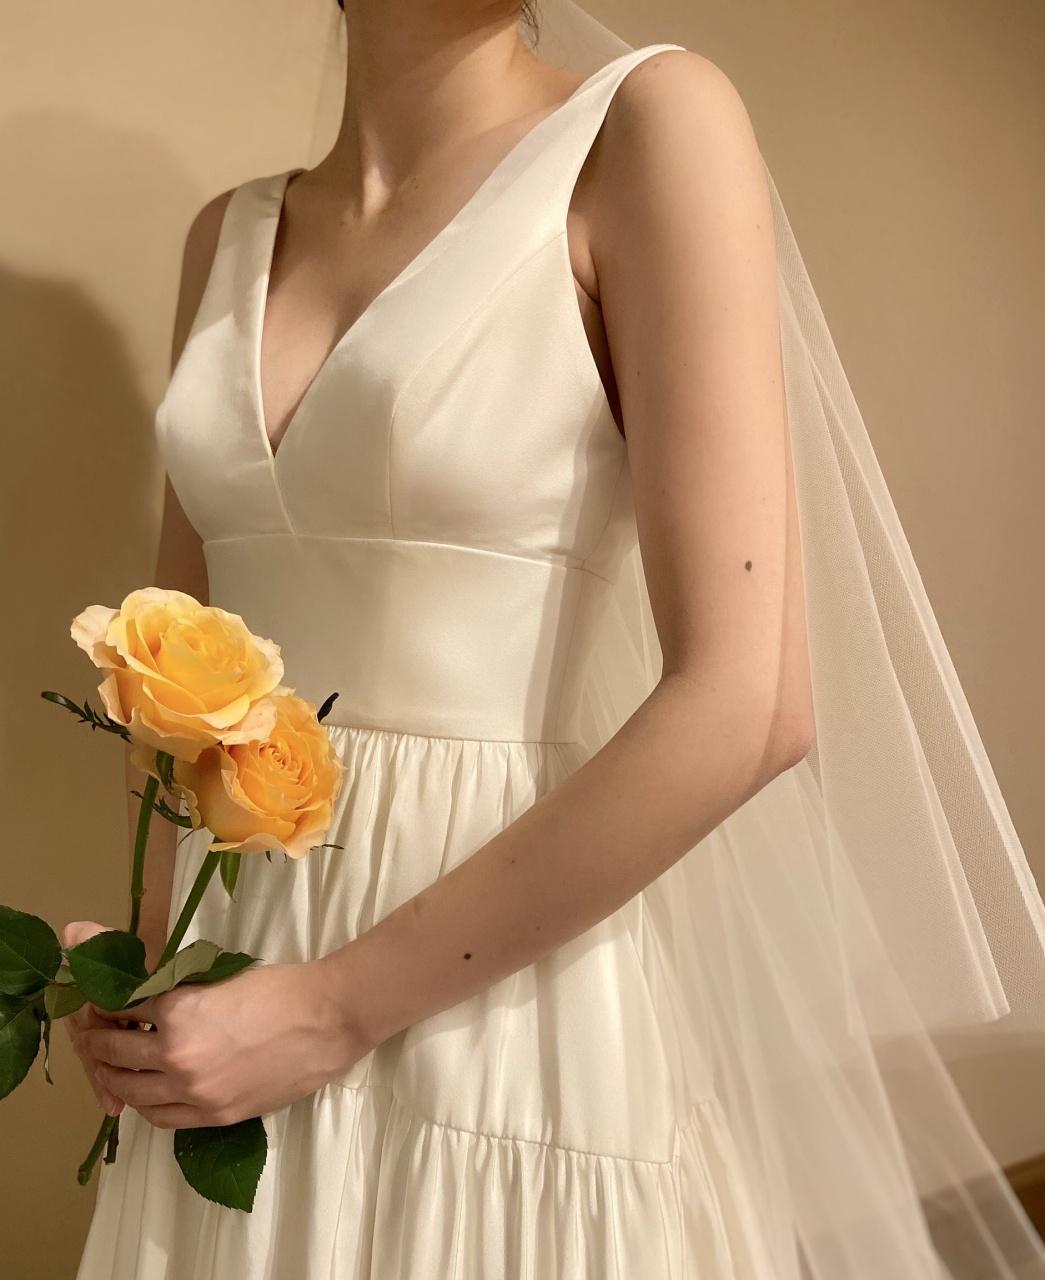 Vカットの胸元がデコルテをすっきりとスタイルアップしてくれるAラインの肩付きウェディングドレス